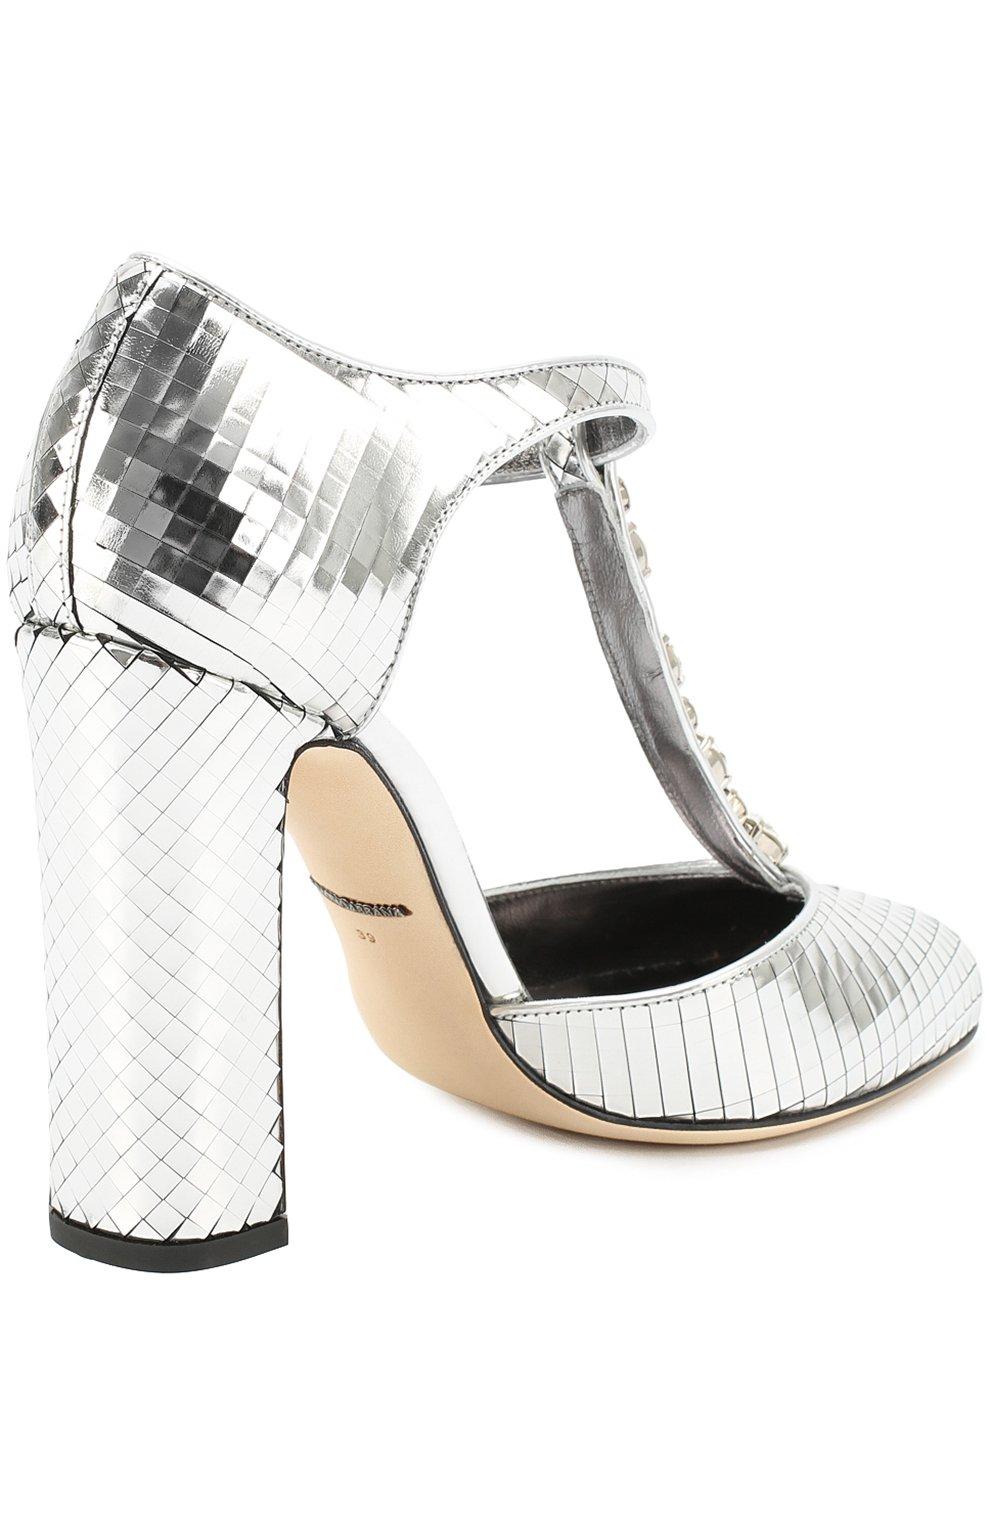 Туфли Vally из фактурной кожи с кристаллами Dolce & Gabbana серебряные   Фото №4